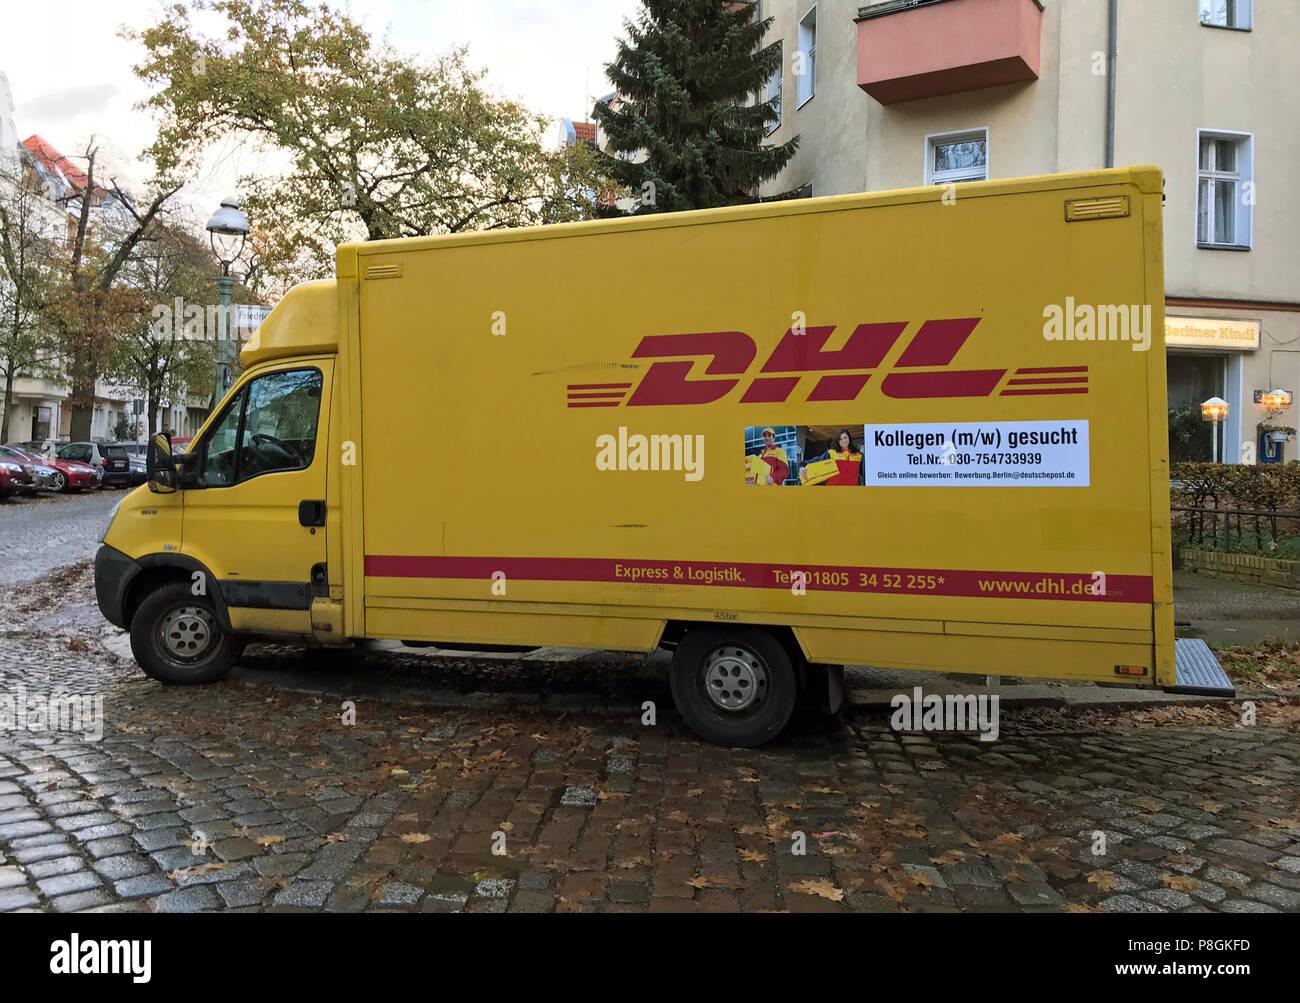 Berlín, Alemania, entrega van de DHL con llamada de la aplicación Imagen De Stock